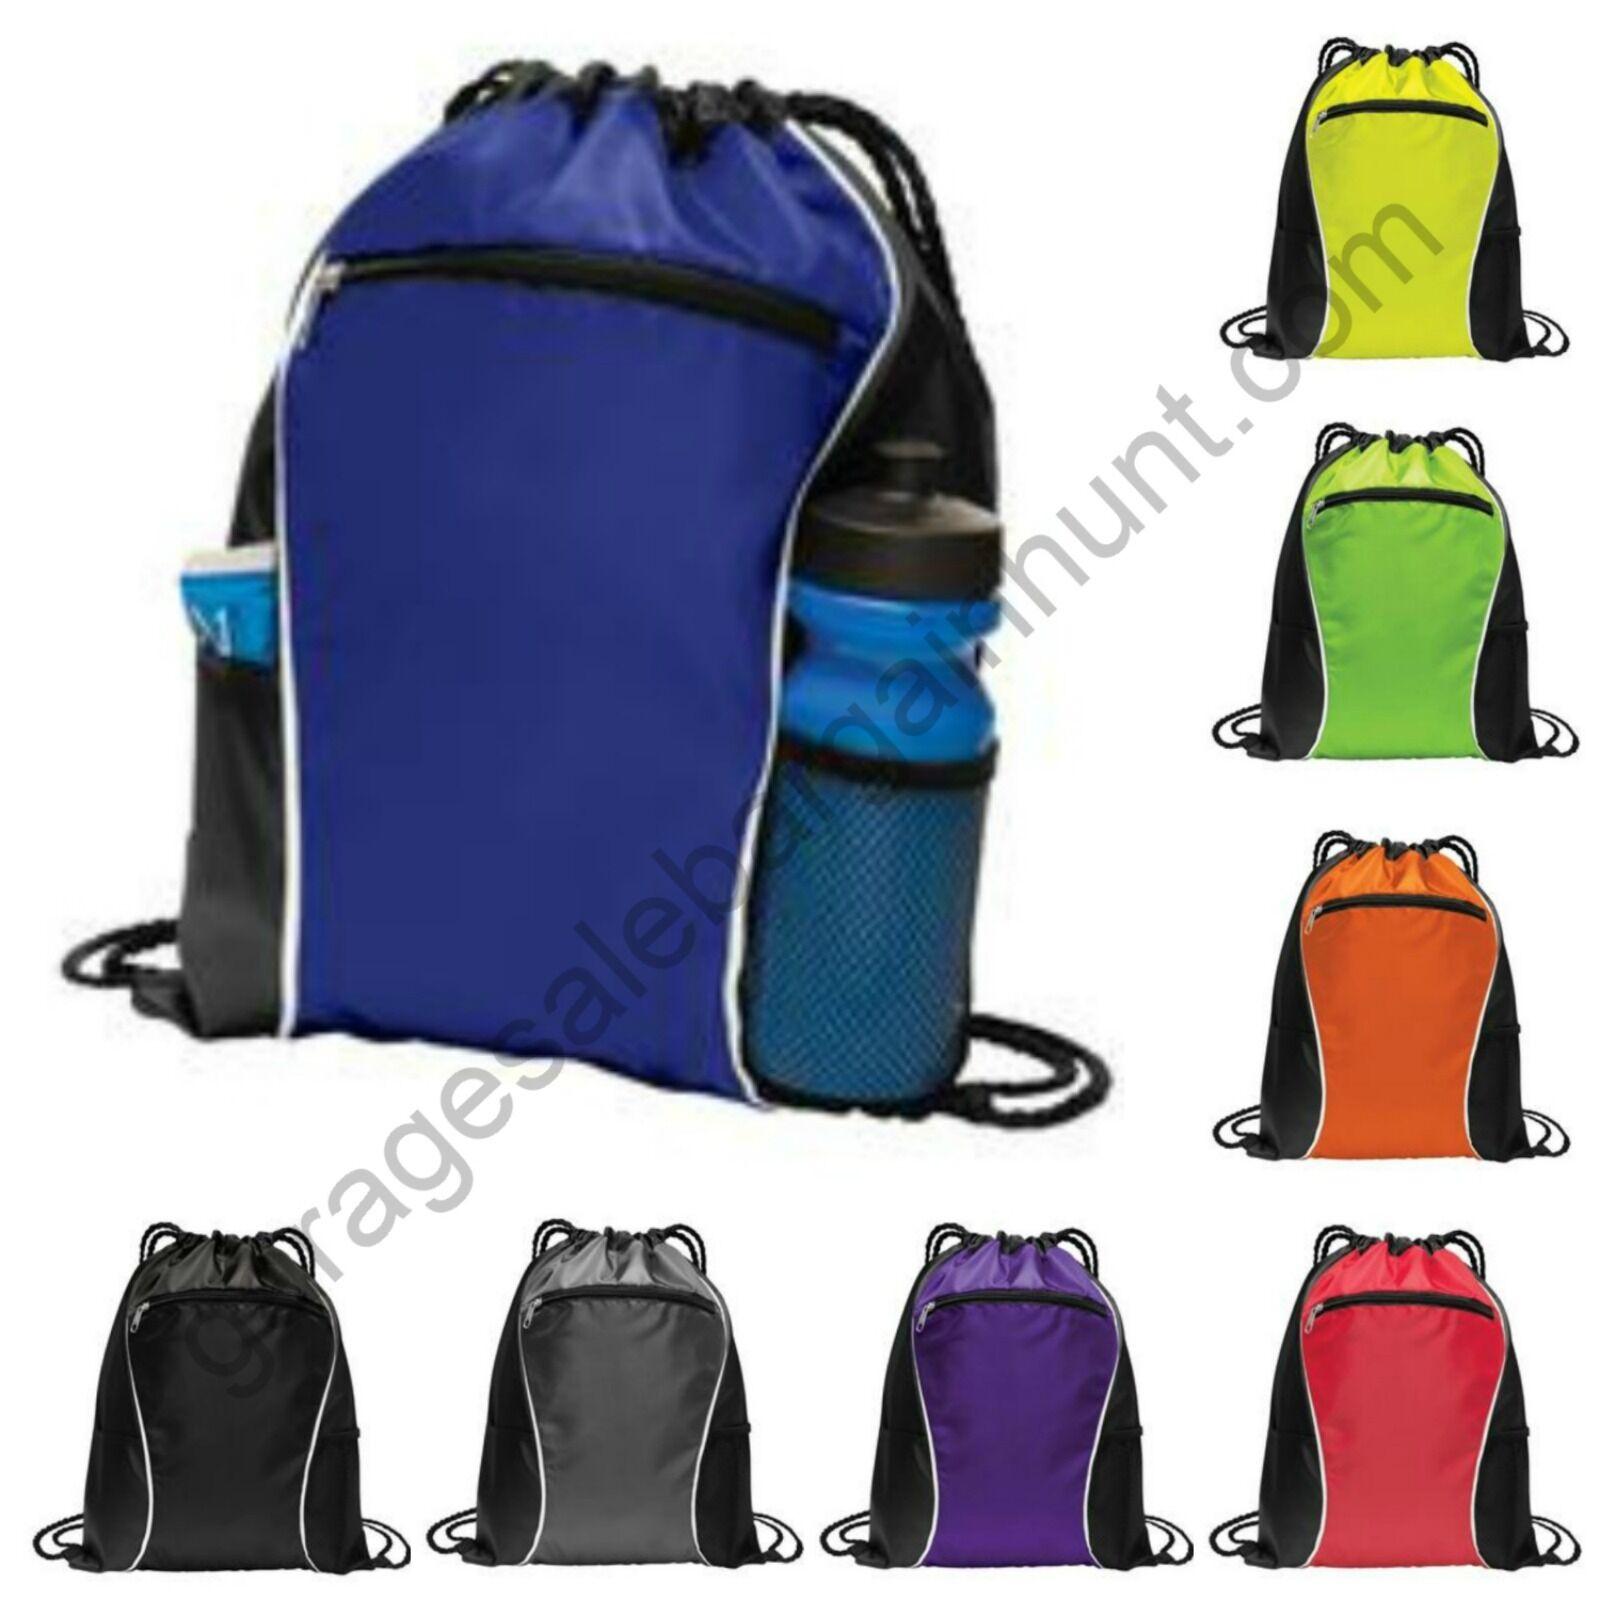 String Drawstring Backpack Cinch Sack Gym Tote Bag School Sp